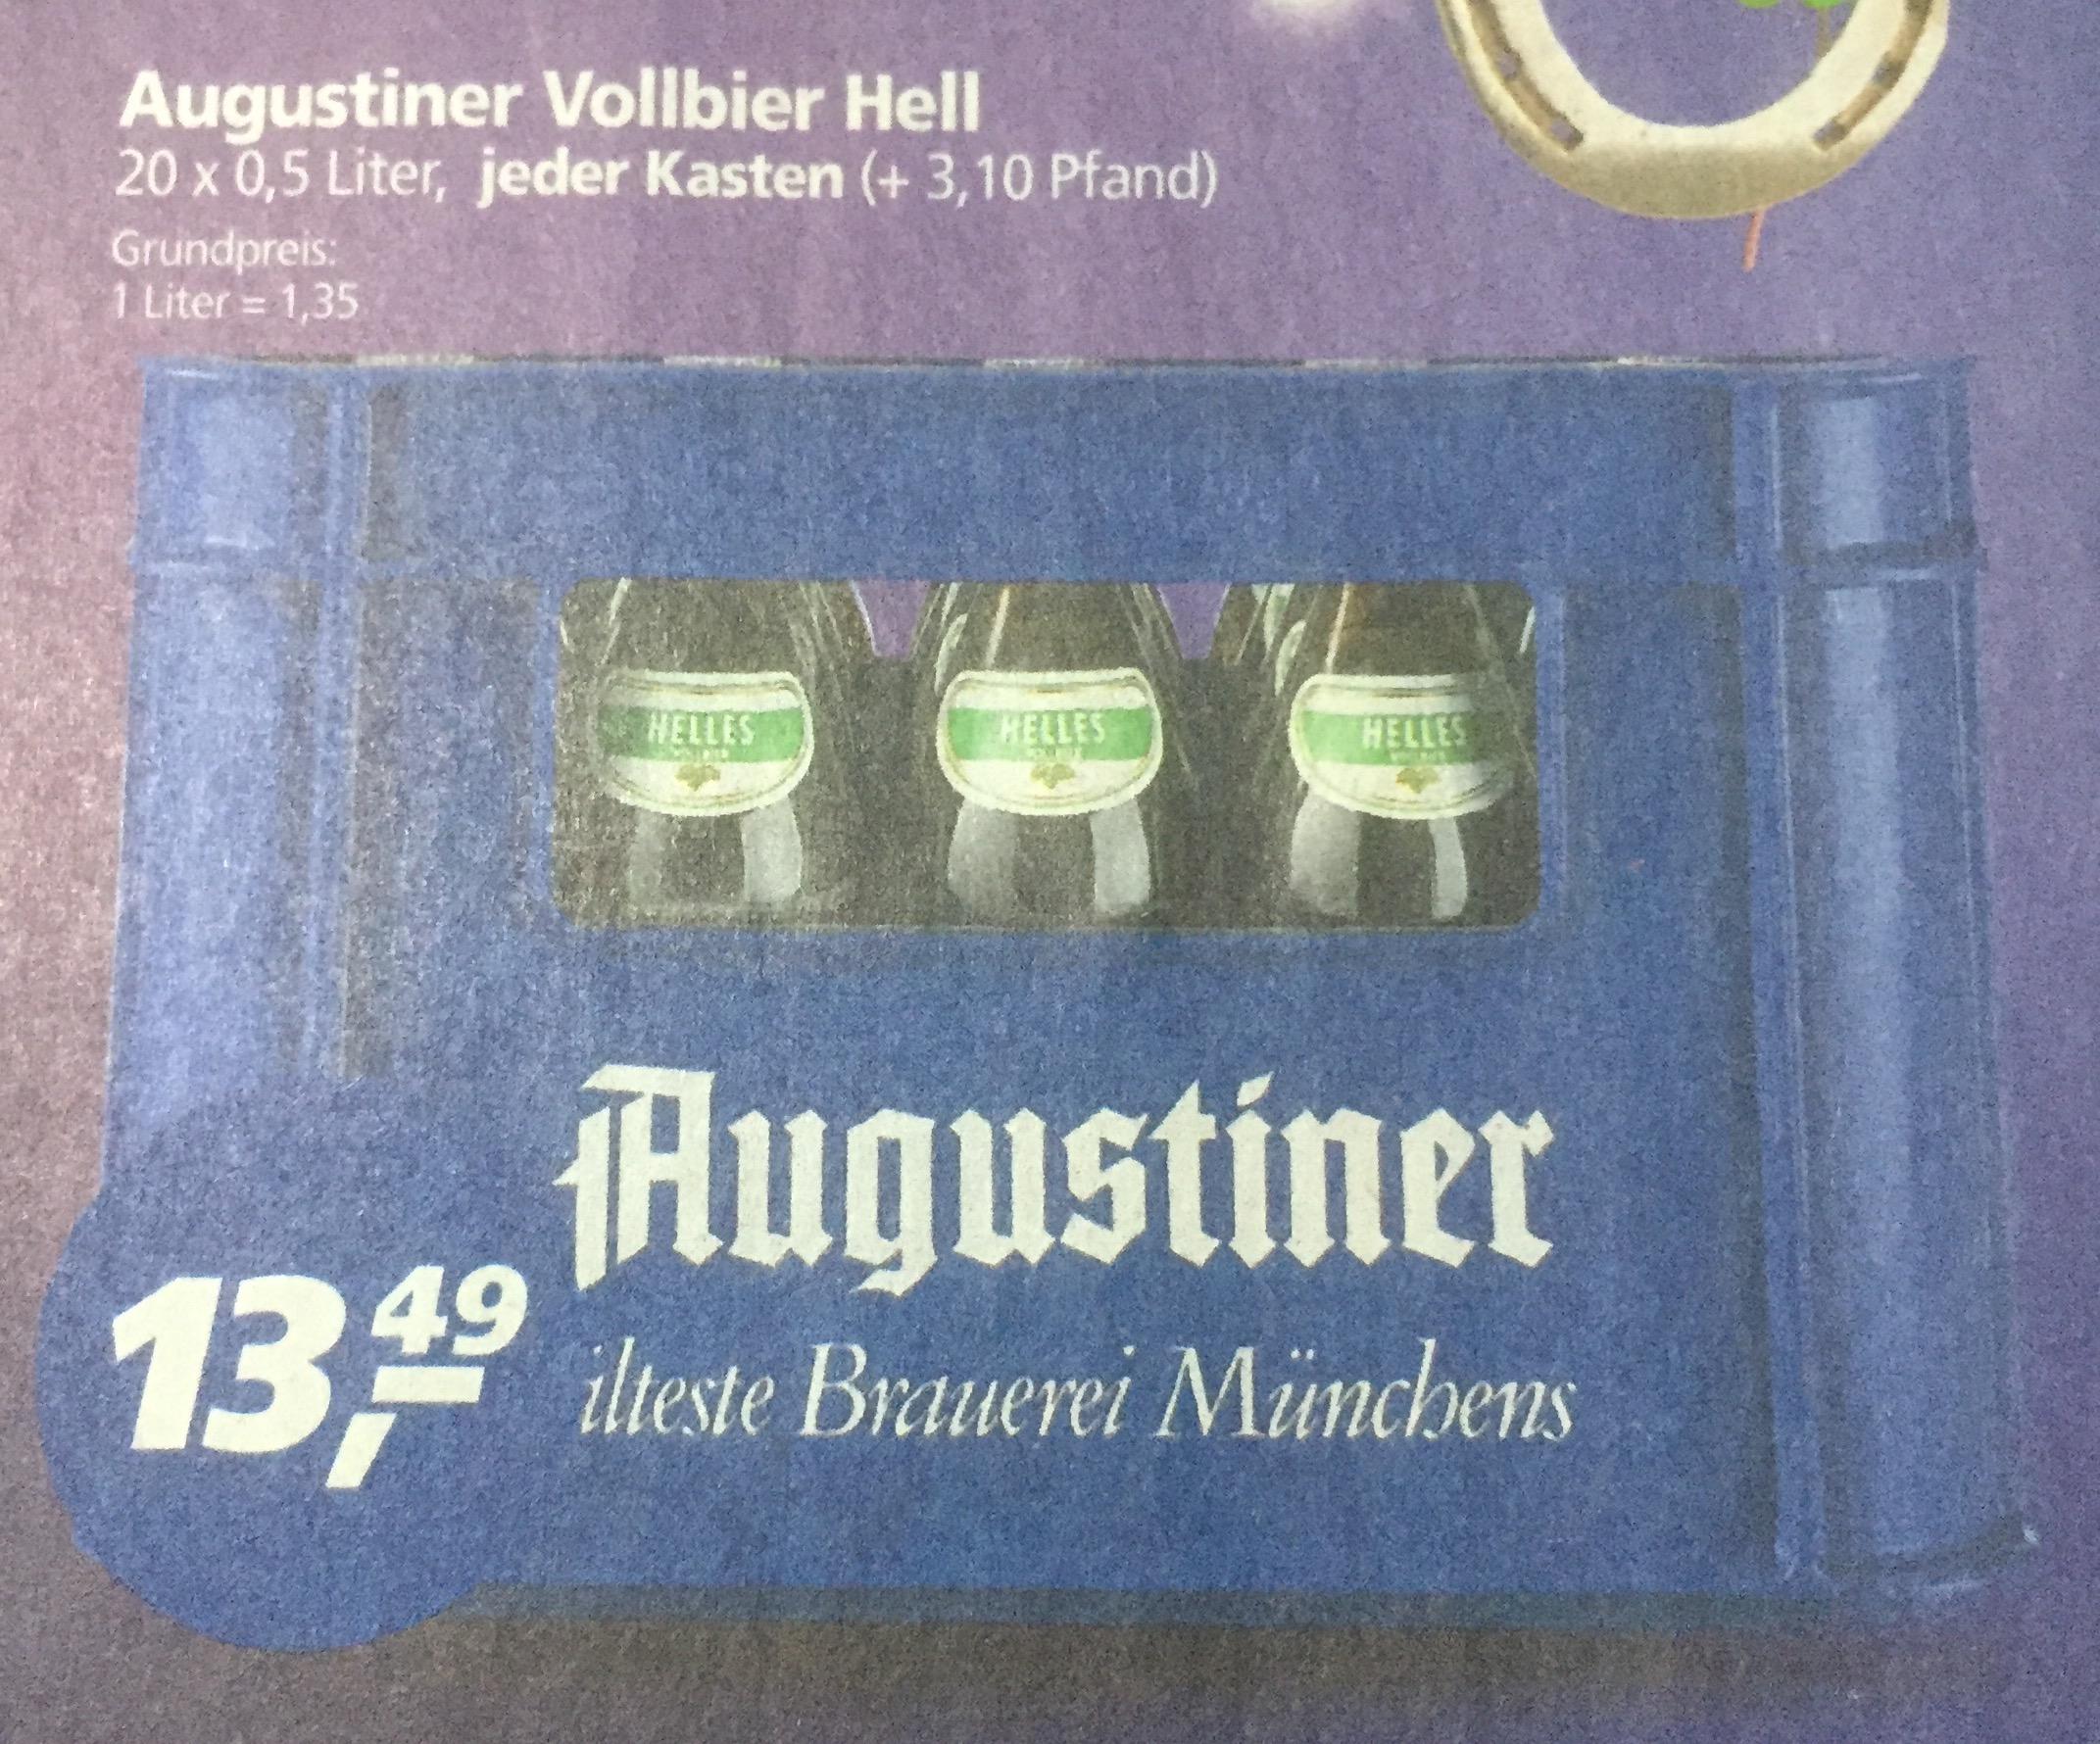 Augustiner Hell 20 x 0,5 l [real,- Landshut]